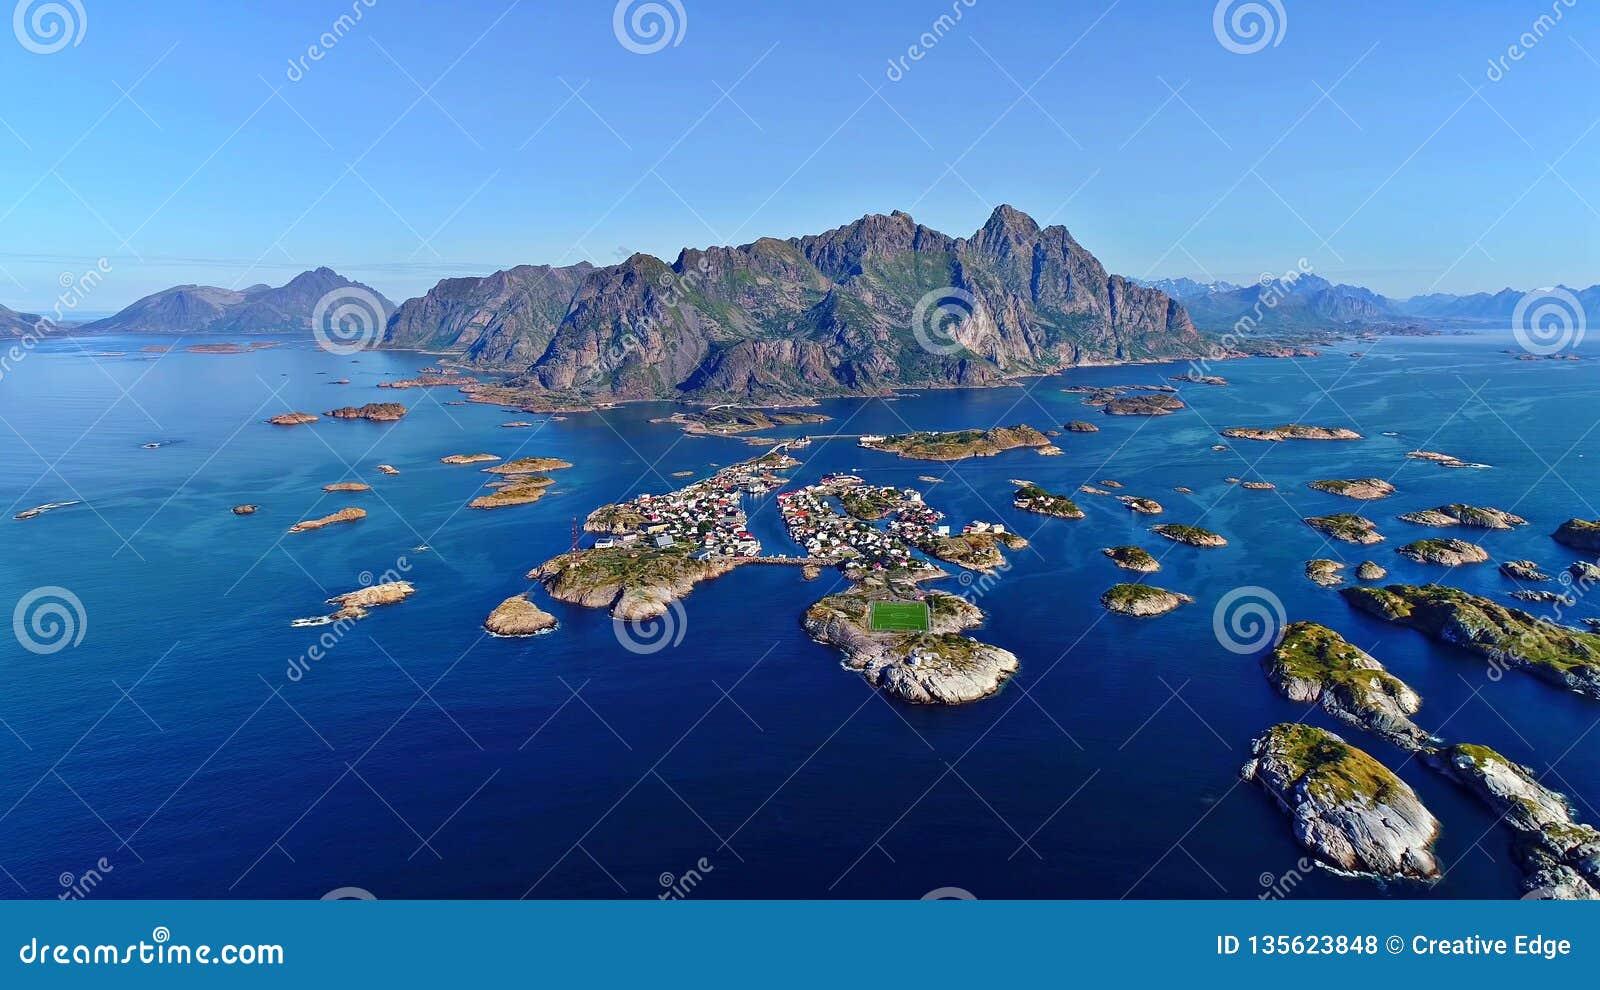 De Lofoteneilanden is een archipel in de provincie van Nordland, Noorwegen